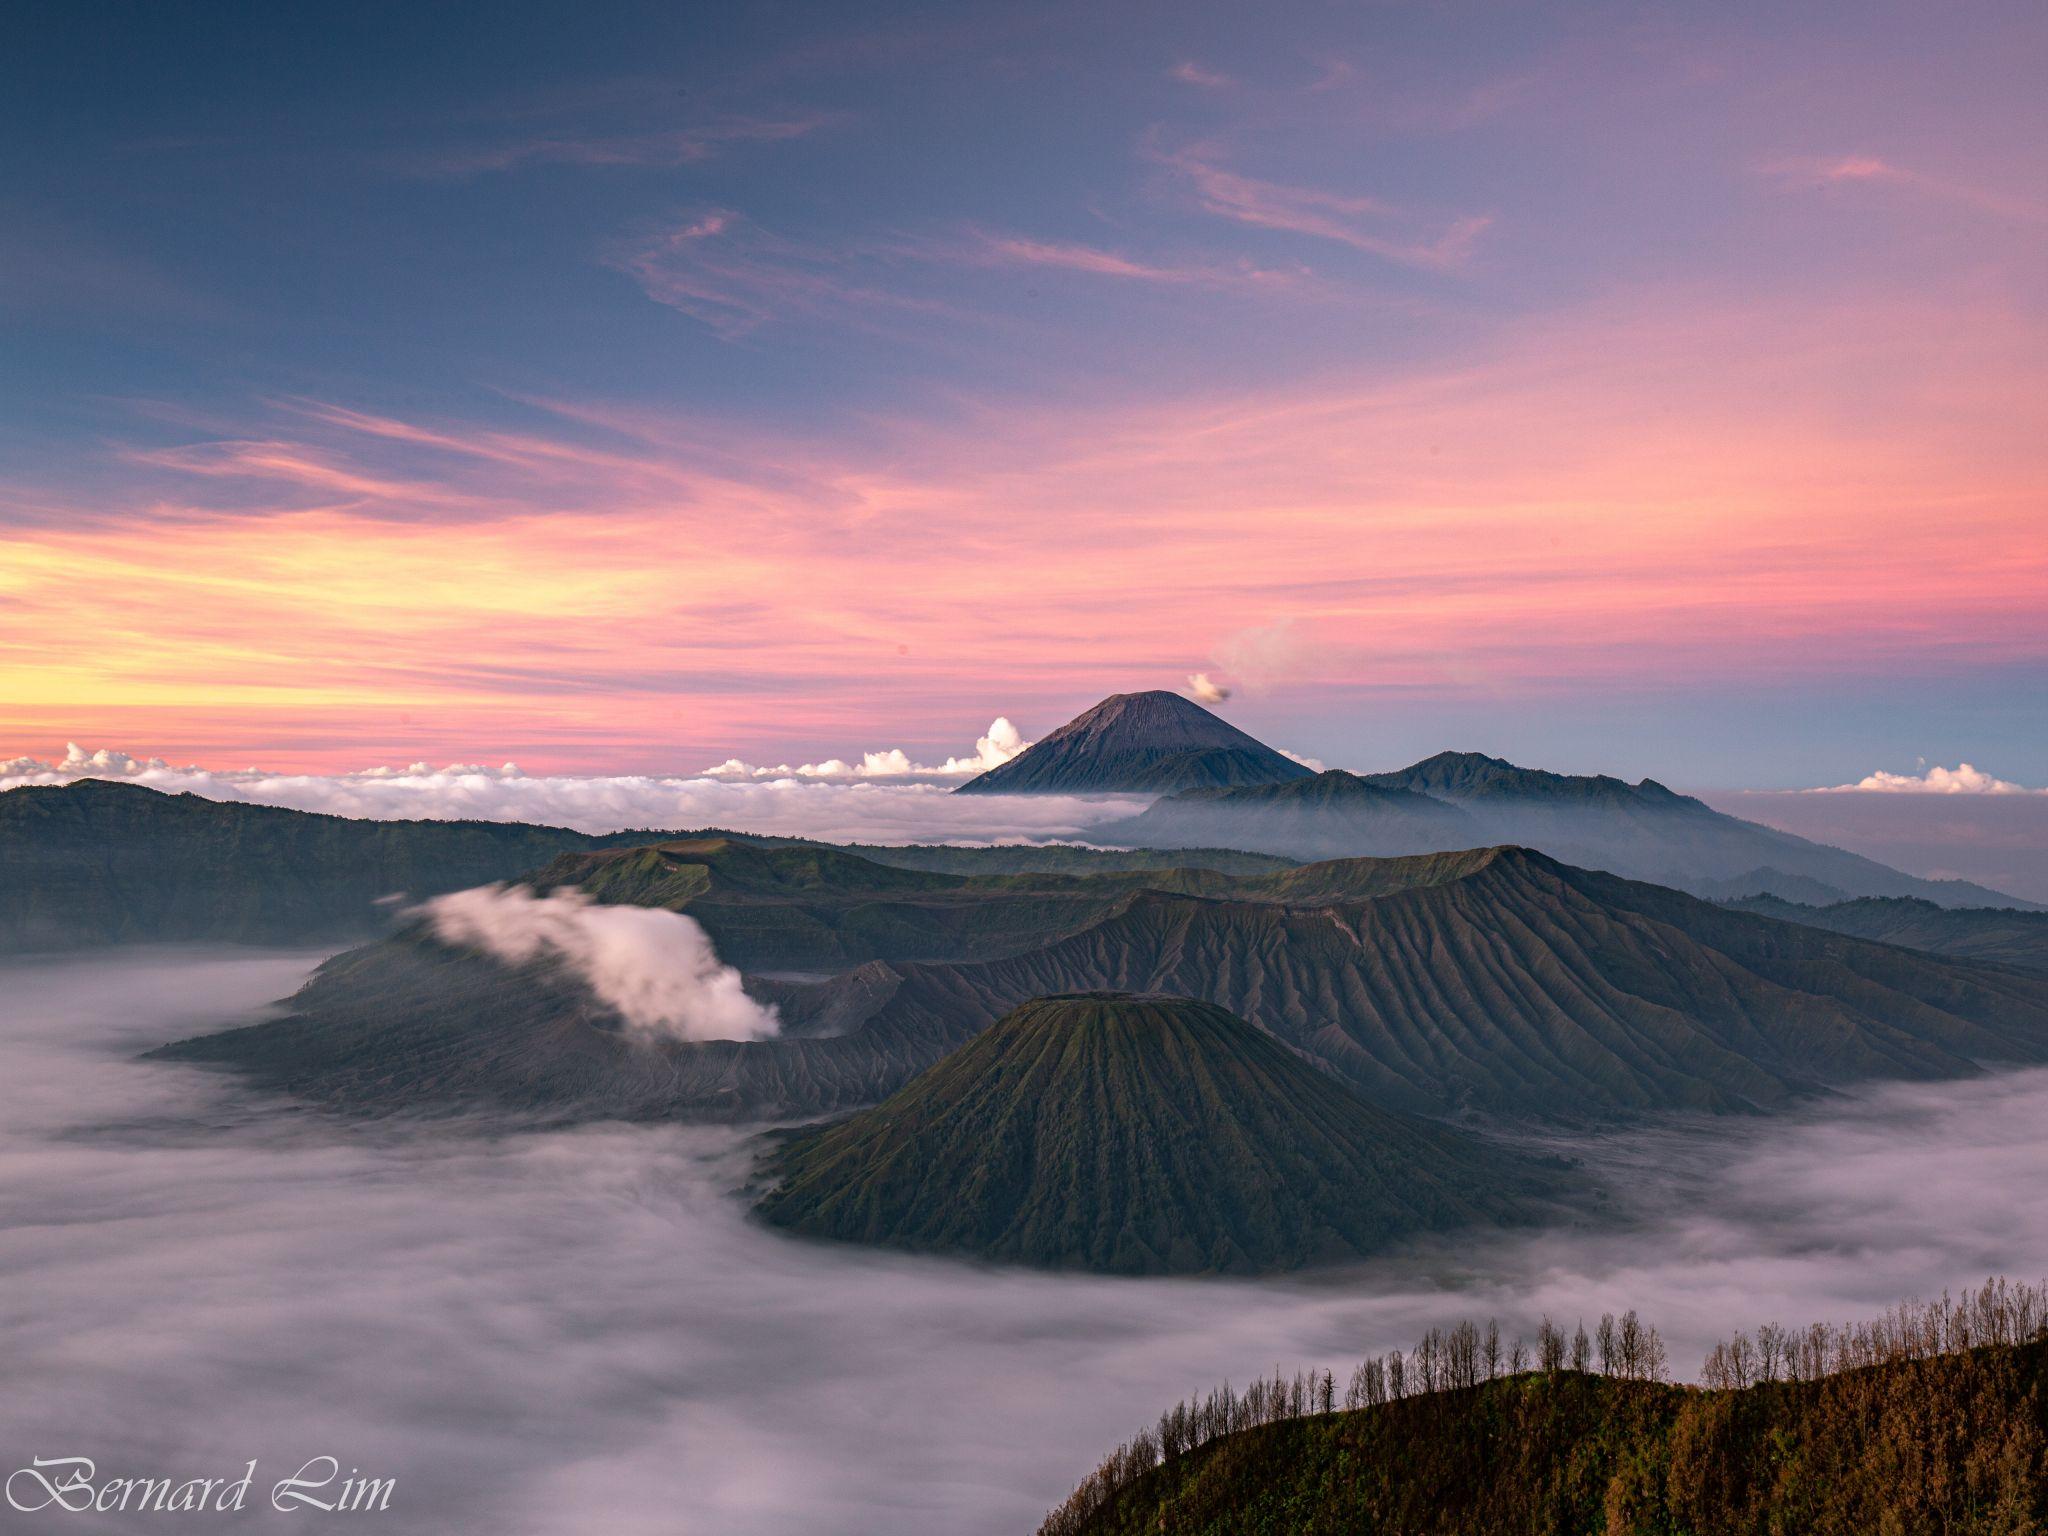 Mt Bromo at sunrise, Indonesia